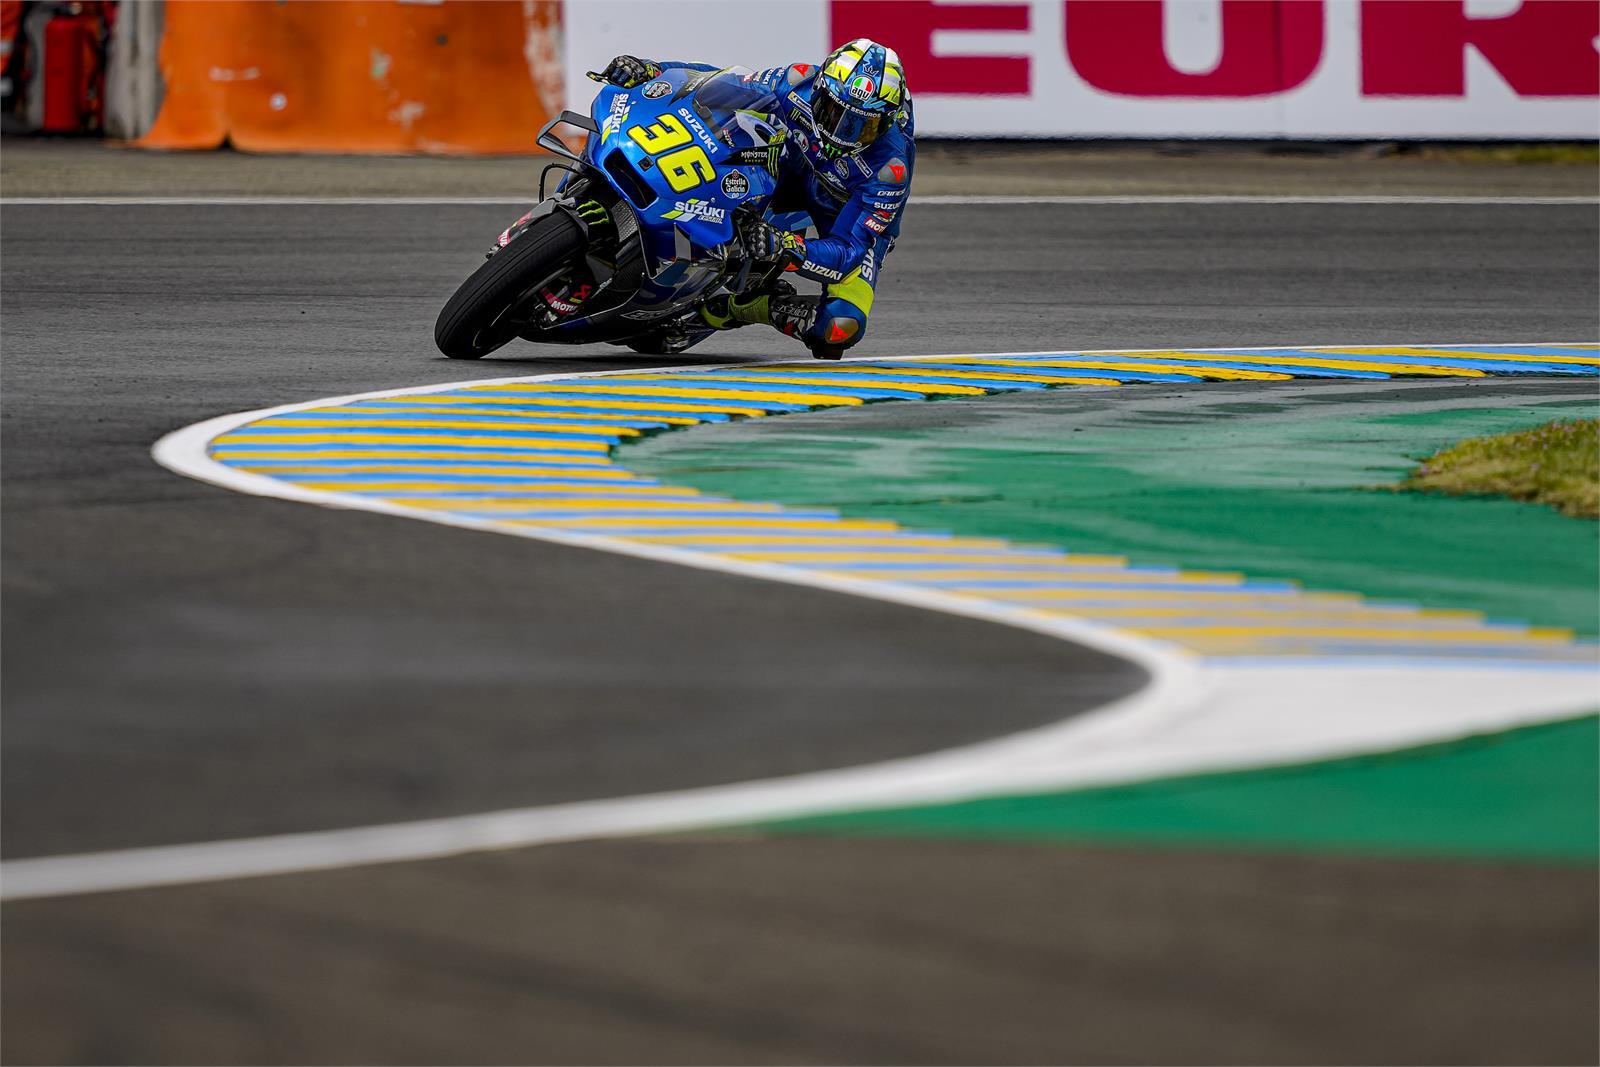 フランスGP 予選14位 ジョアン・ミル「14番手は自分達のポテンシャルを表している」